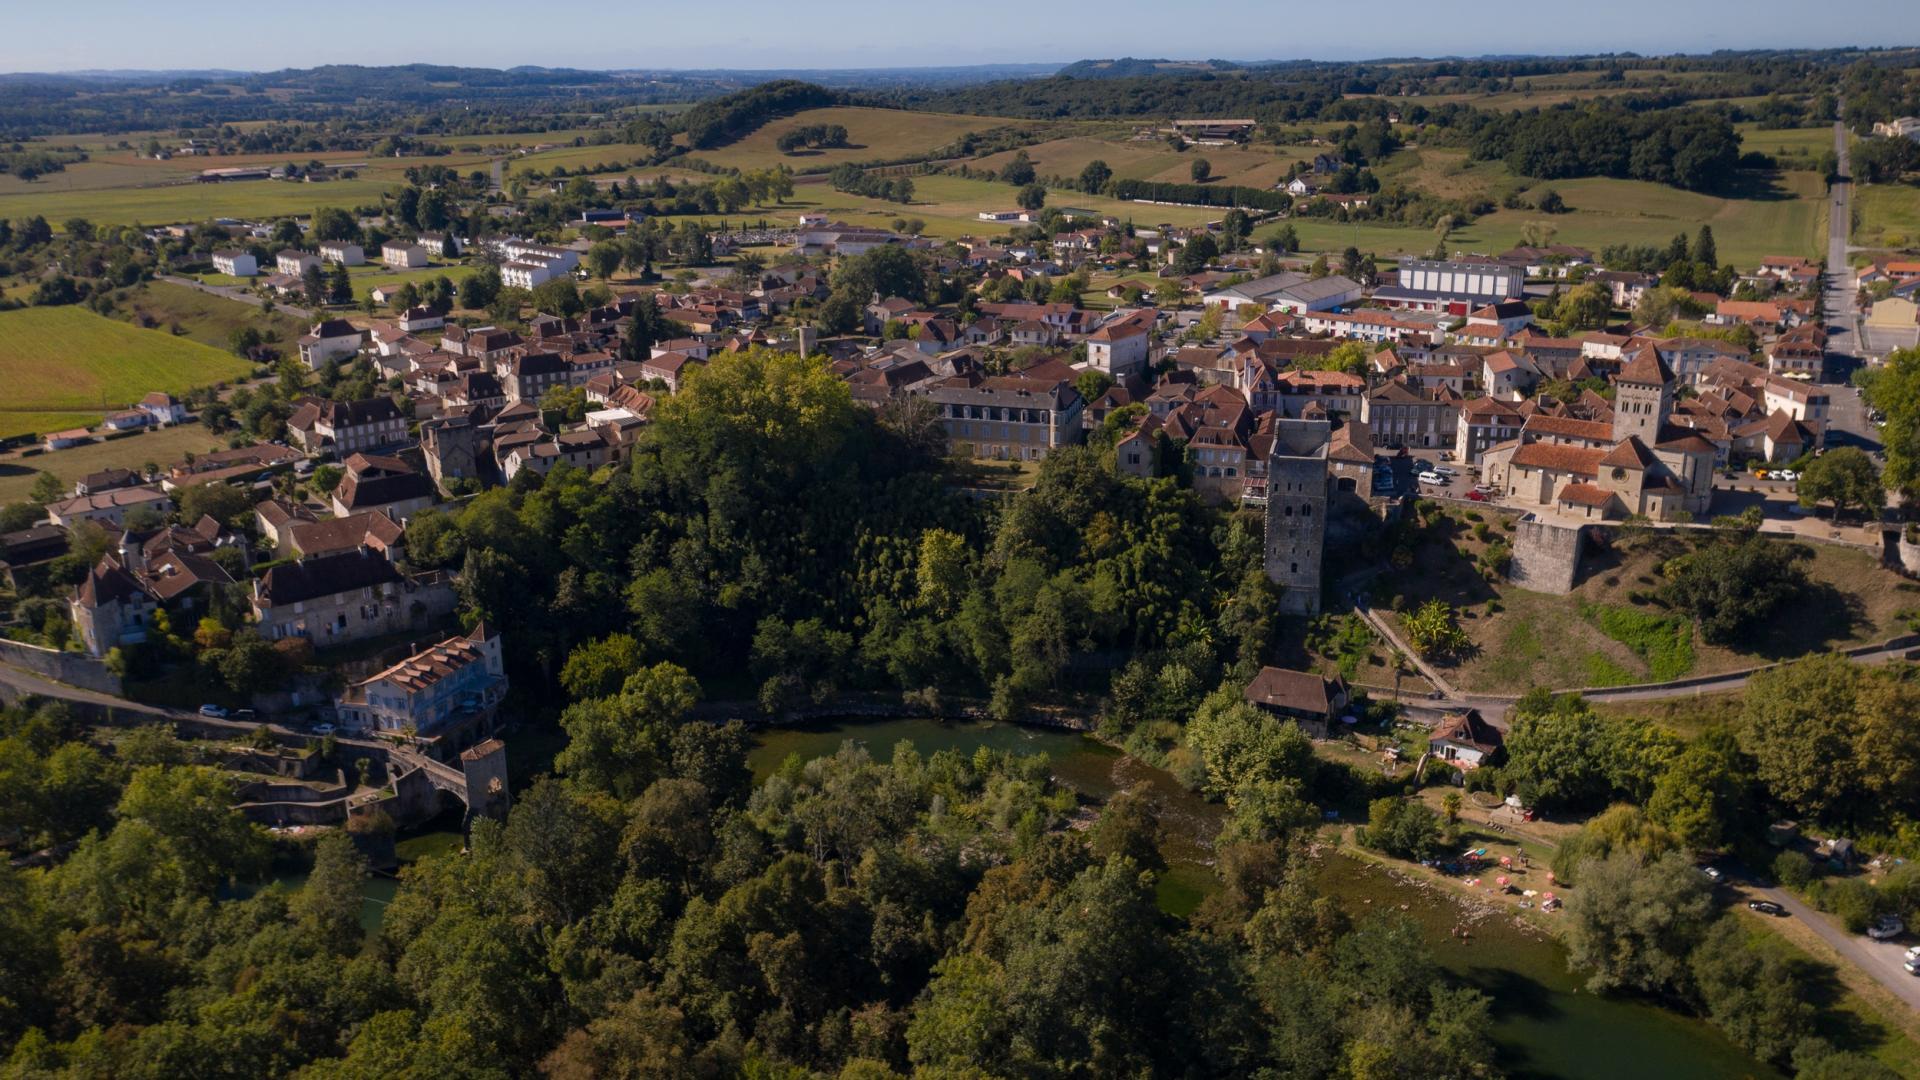 Sauveterre-de-Béarn, Petite Cité de Caractère, vue du ciel